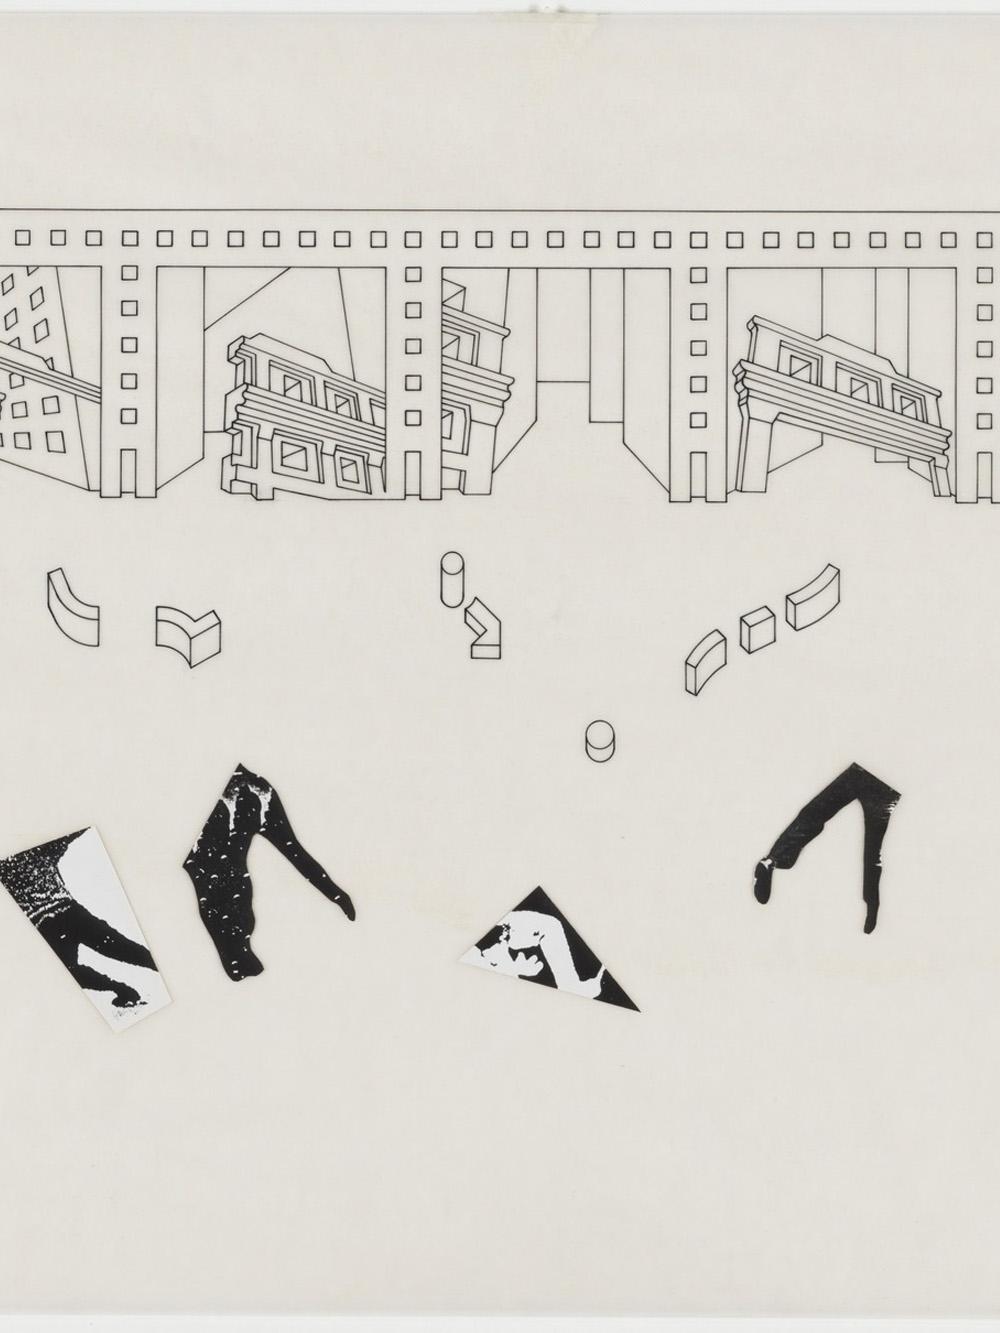 Bernard Tschumi, The Manhattan Transcripts Episode 4: The Block 1980-1981